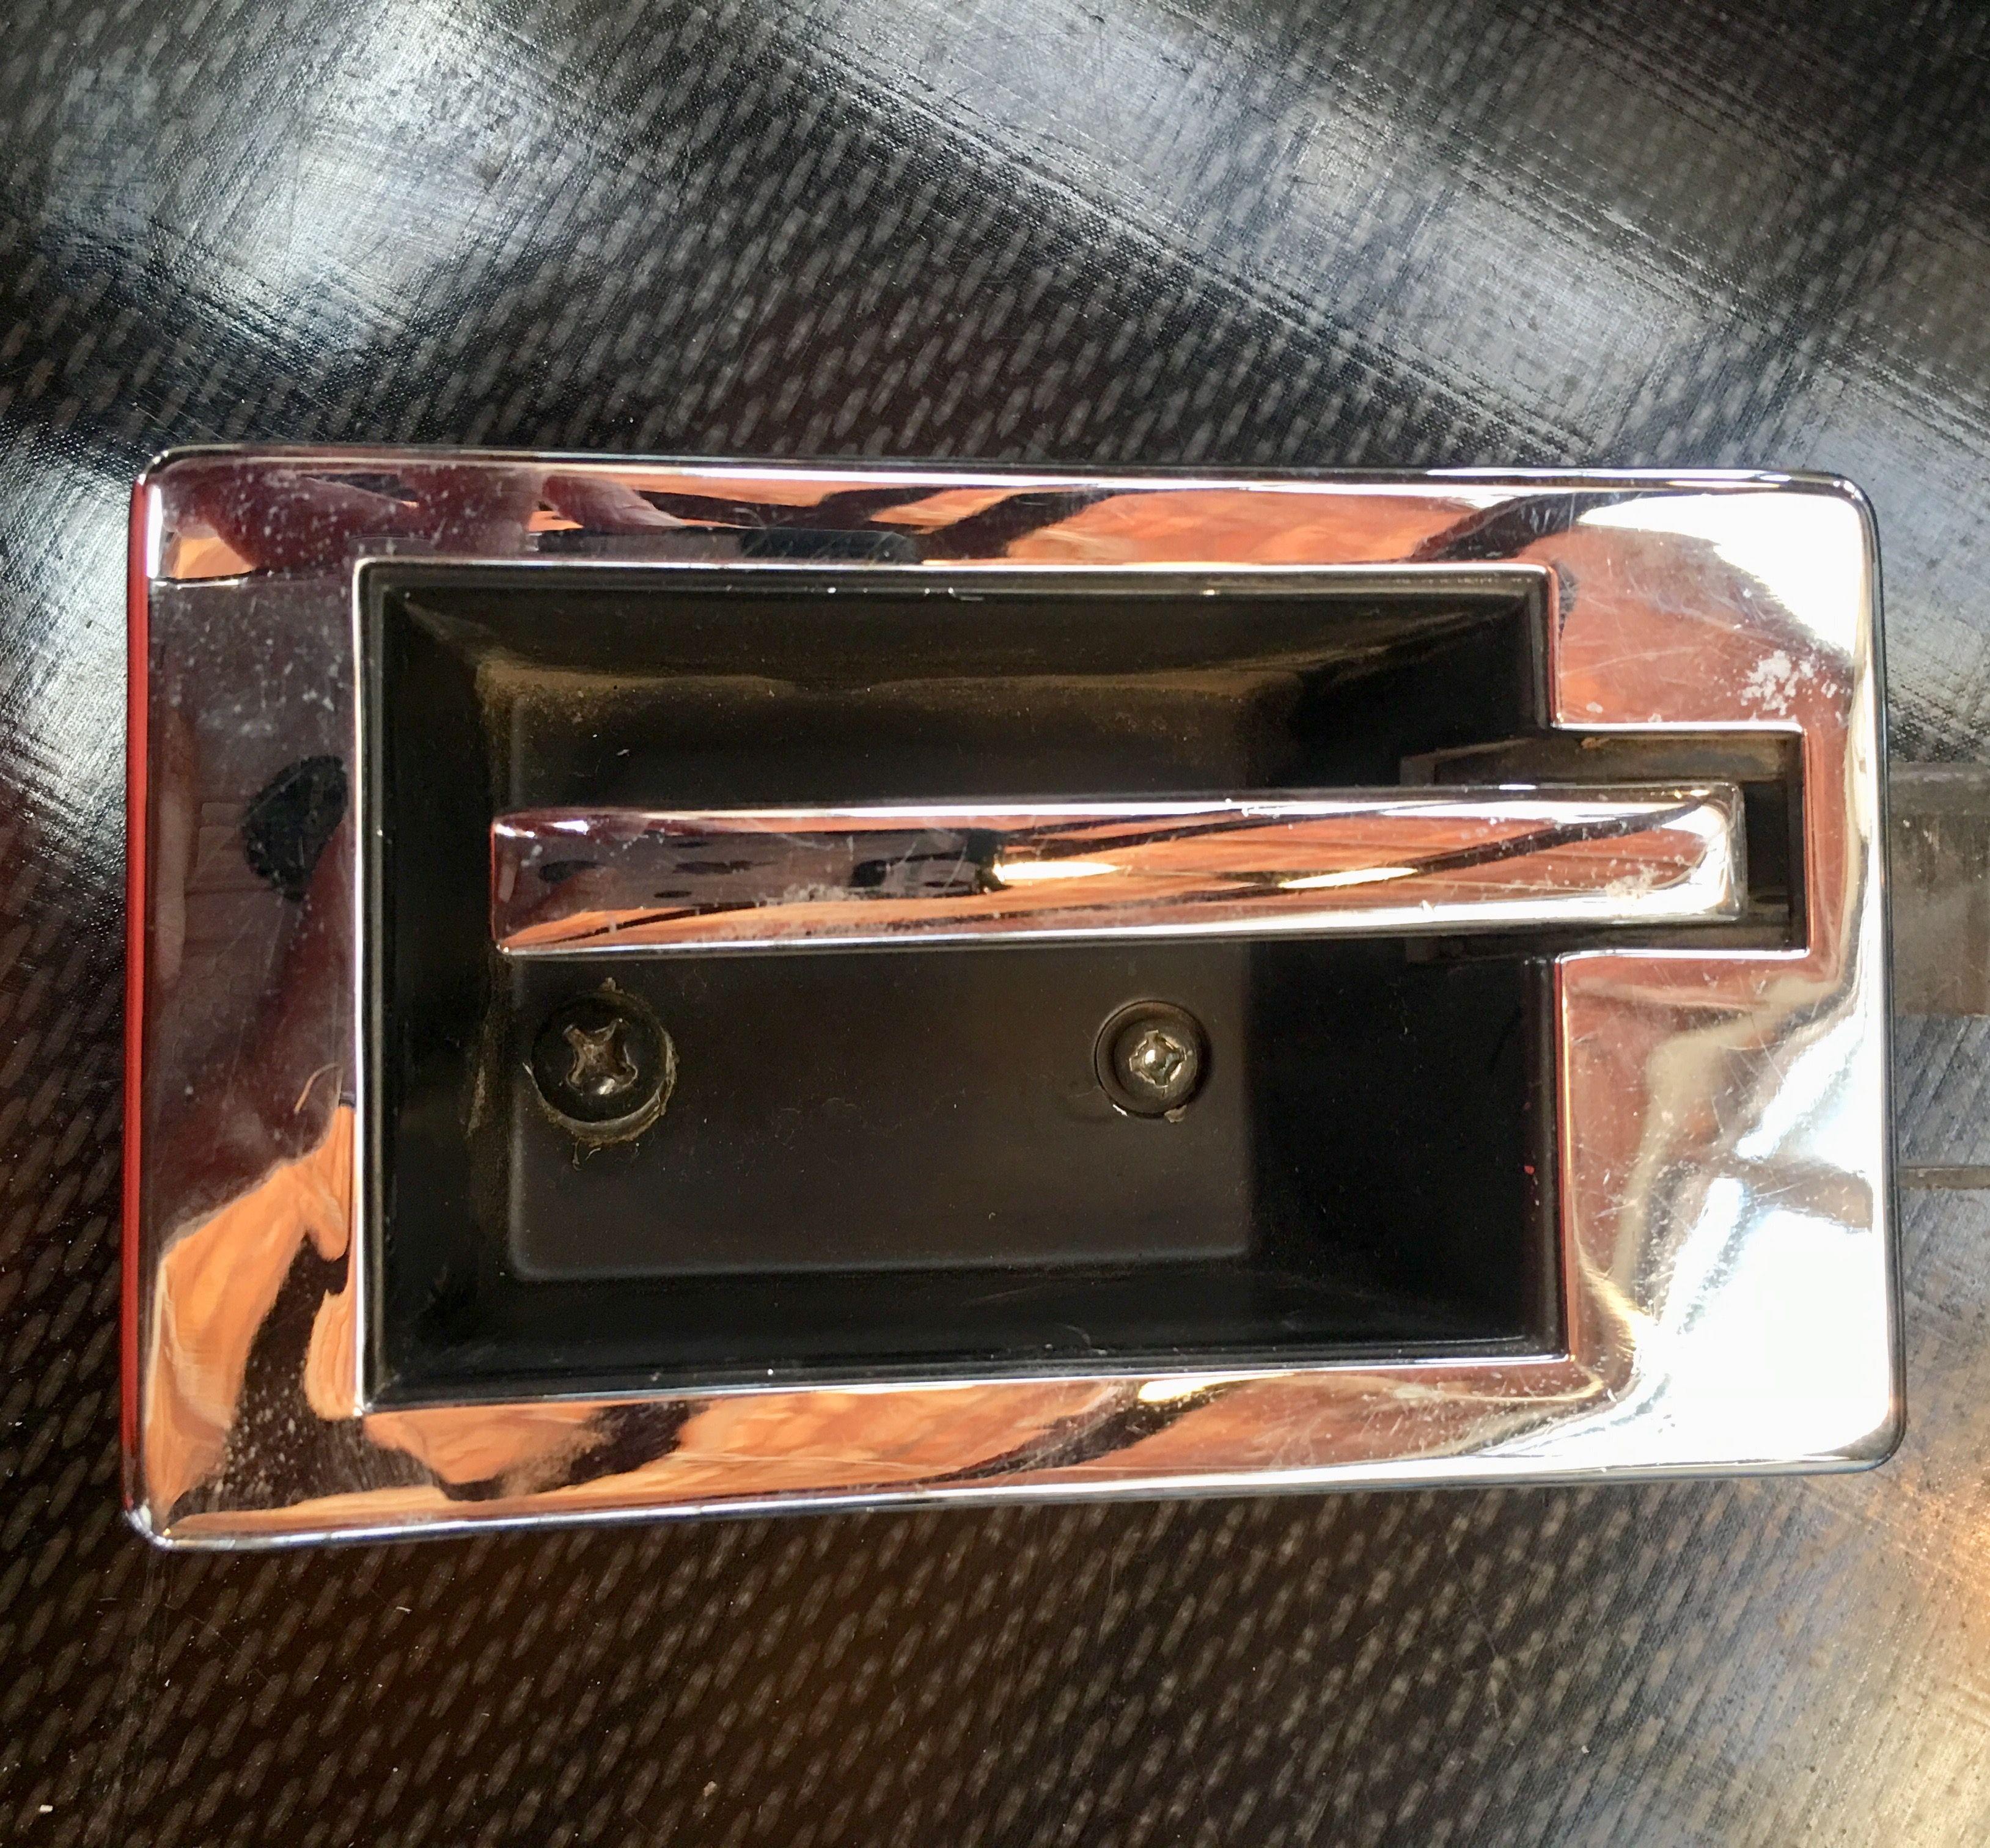 1402632 Rv Door Handle Abs Plastic Used Door Handles Used Parts Handle